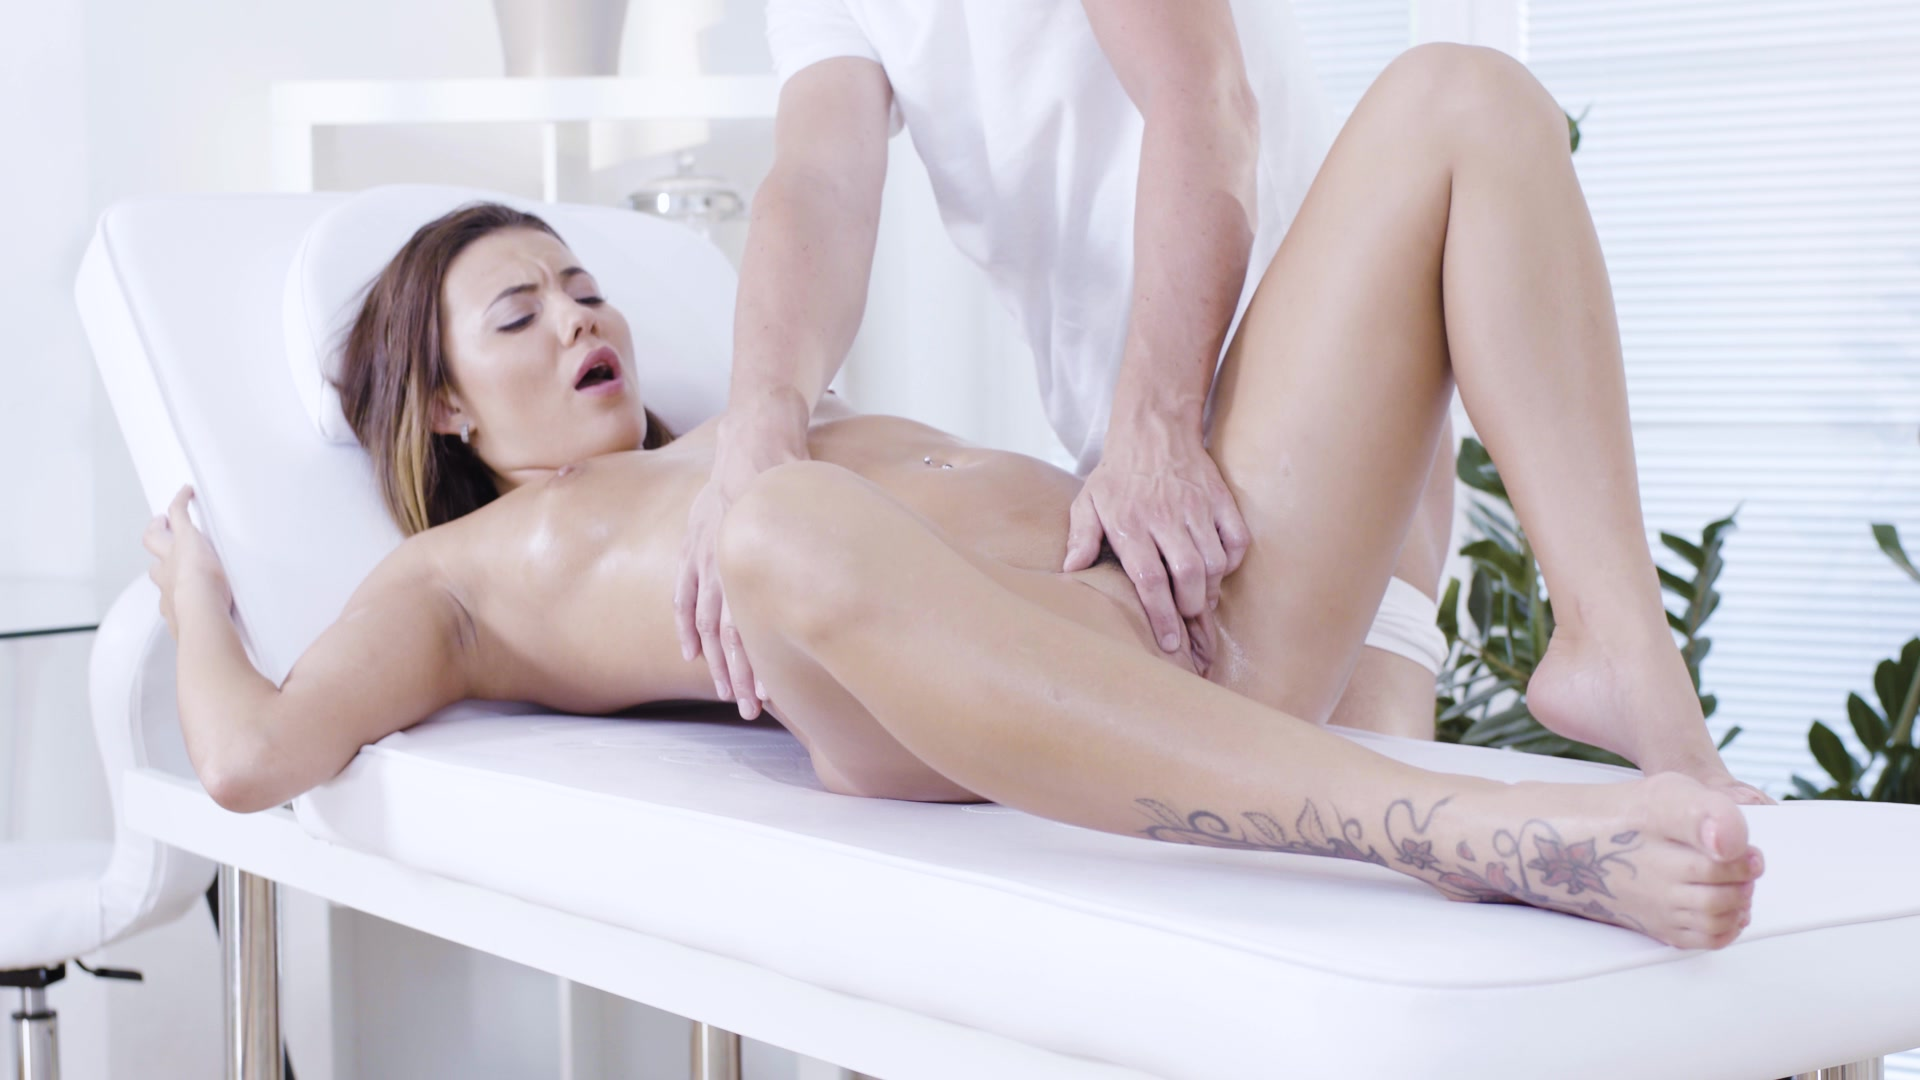 Самое красивое арт порно качественое